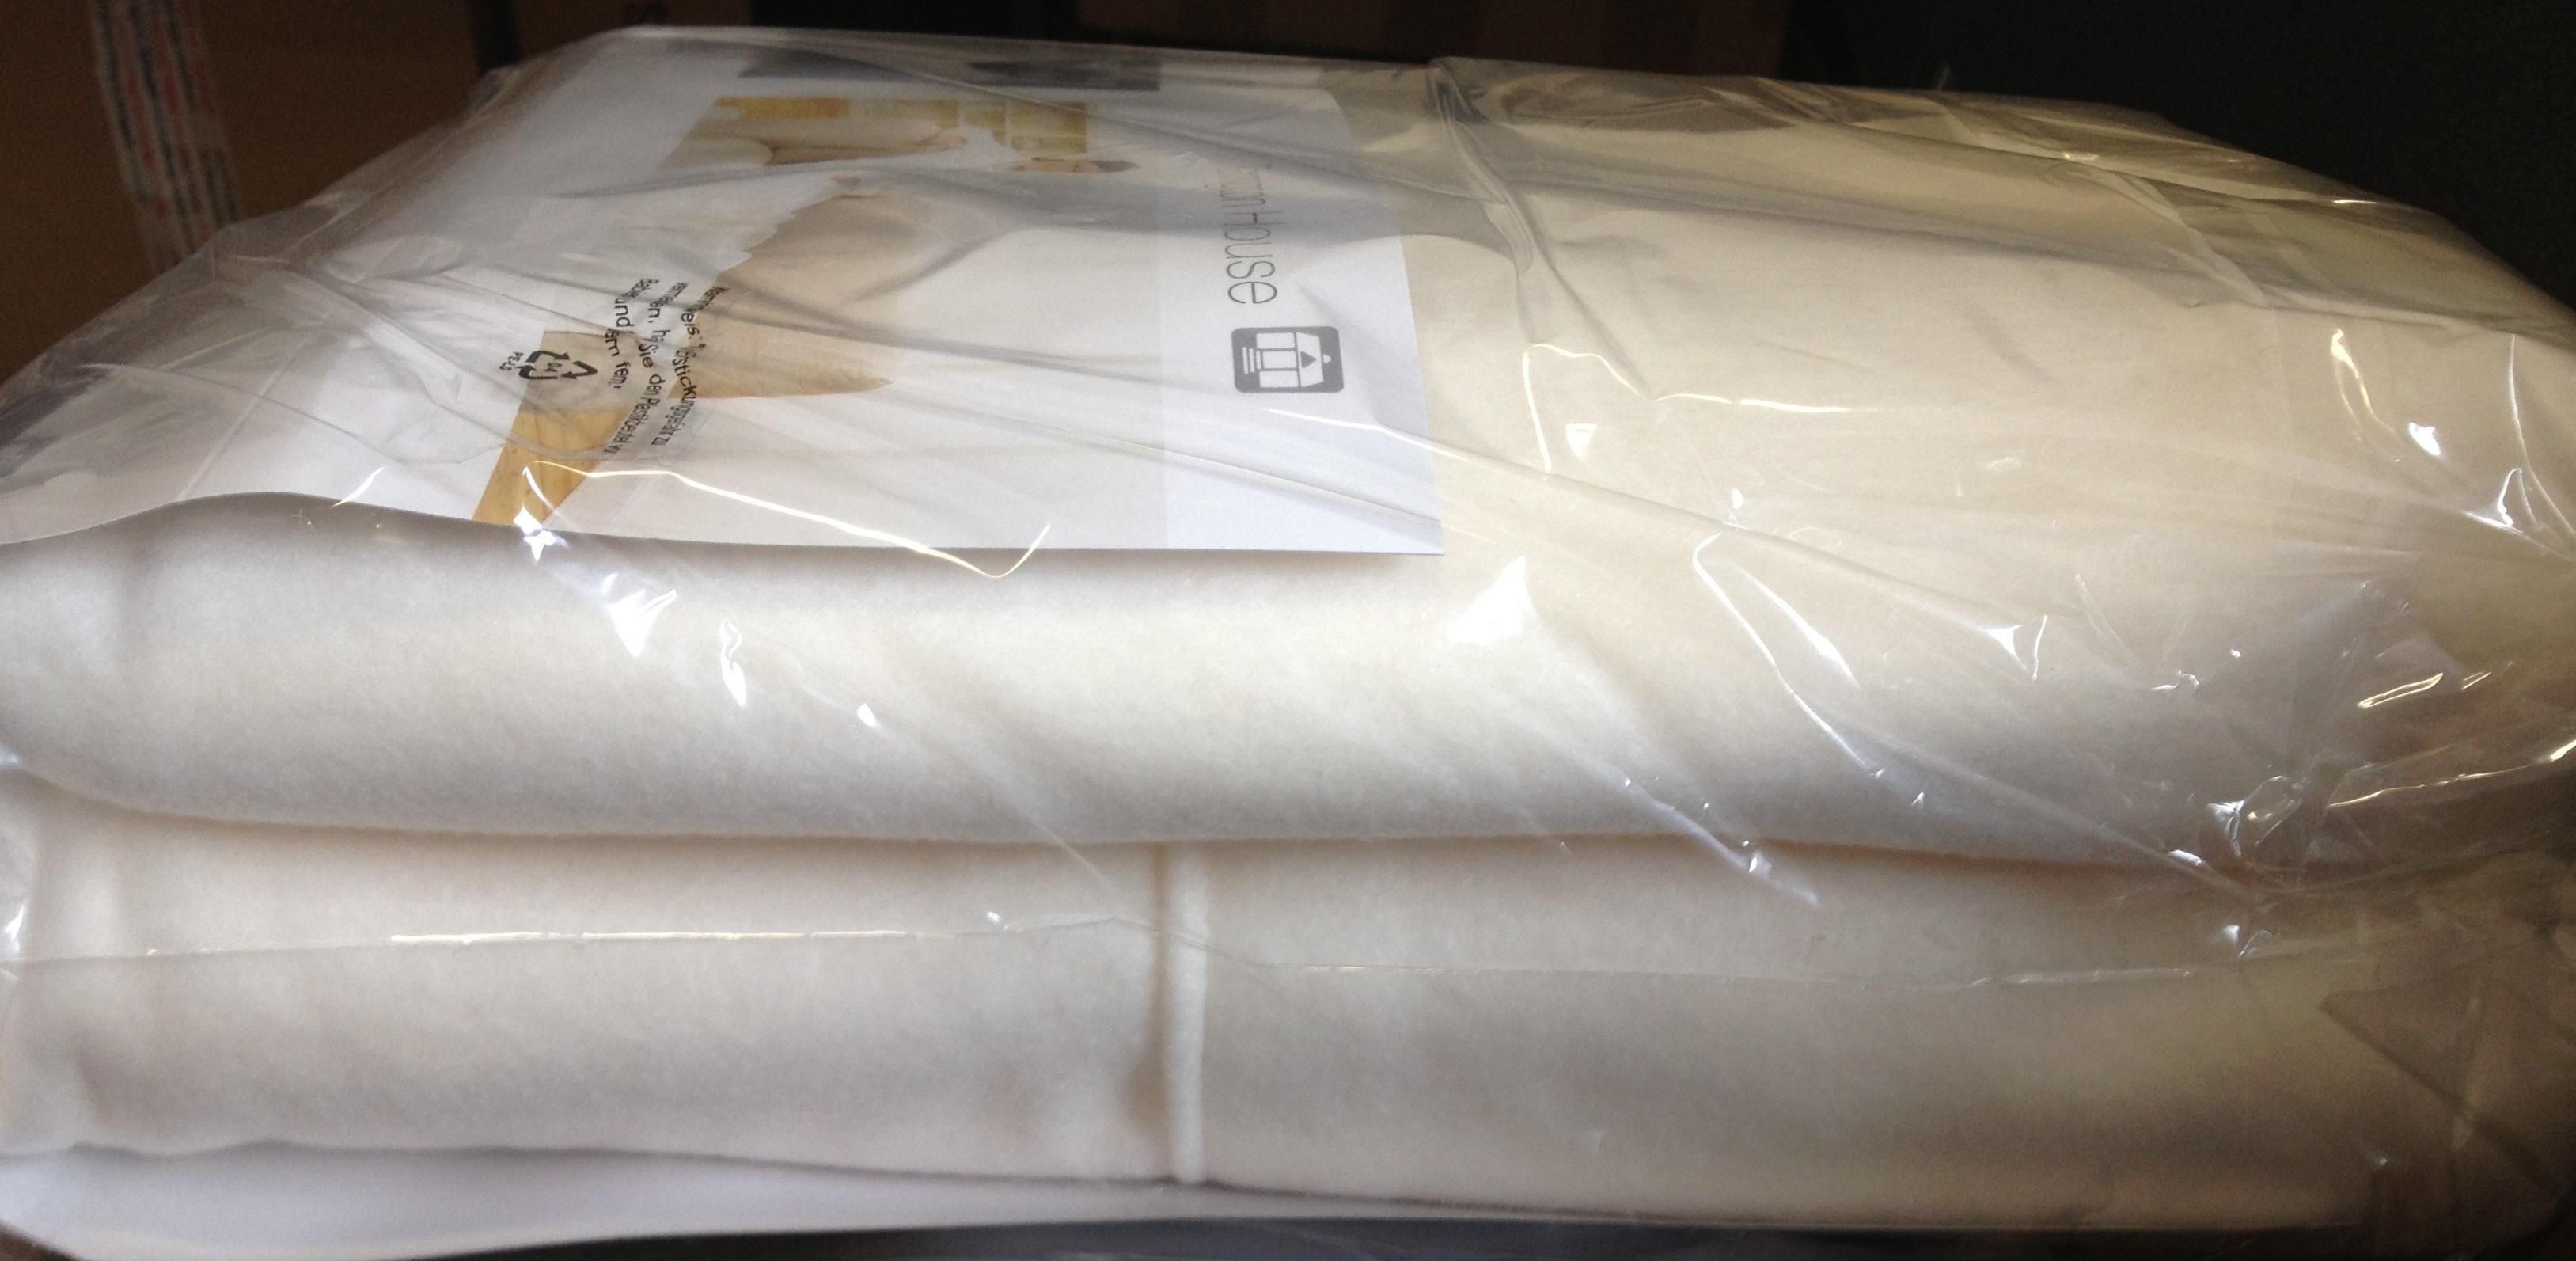 kuscheldecke mit rmeln super flauschig decke rmeldecke 240 x 150 neu ebay. Black Bedroom Furniture Sets. Home Design Ideas